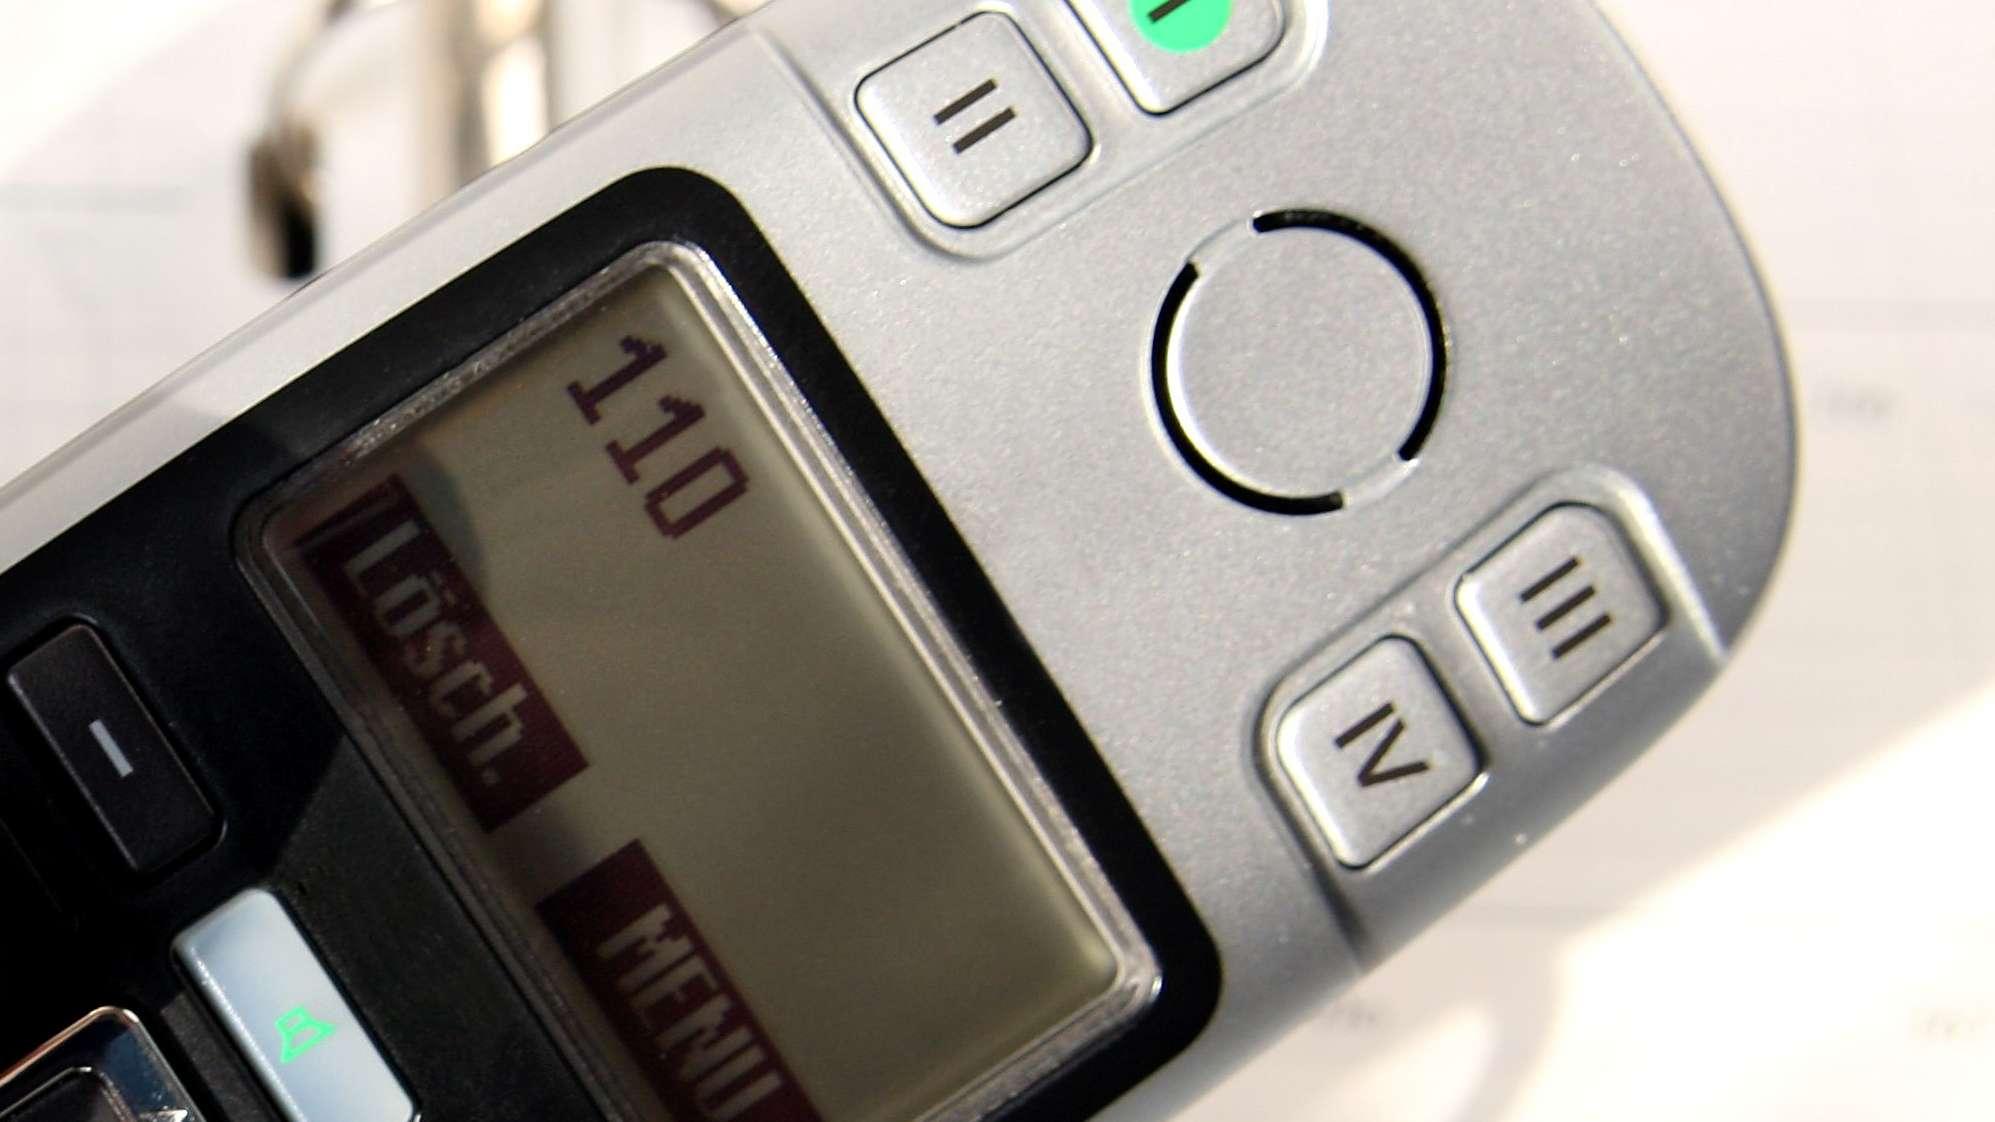 """""""110"""" steht im Display eines Telefons"""